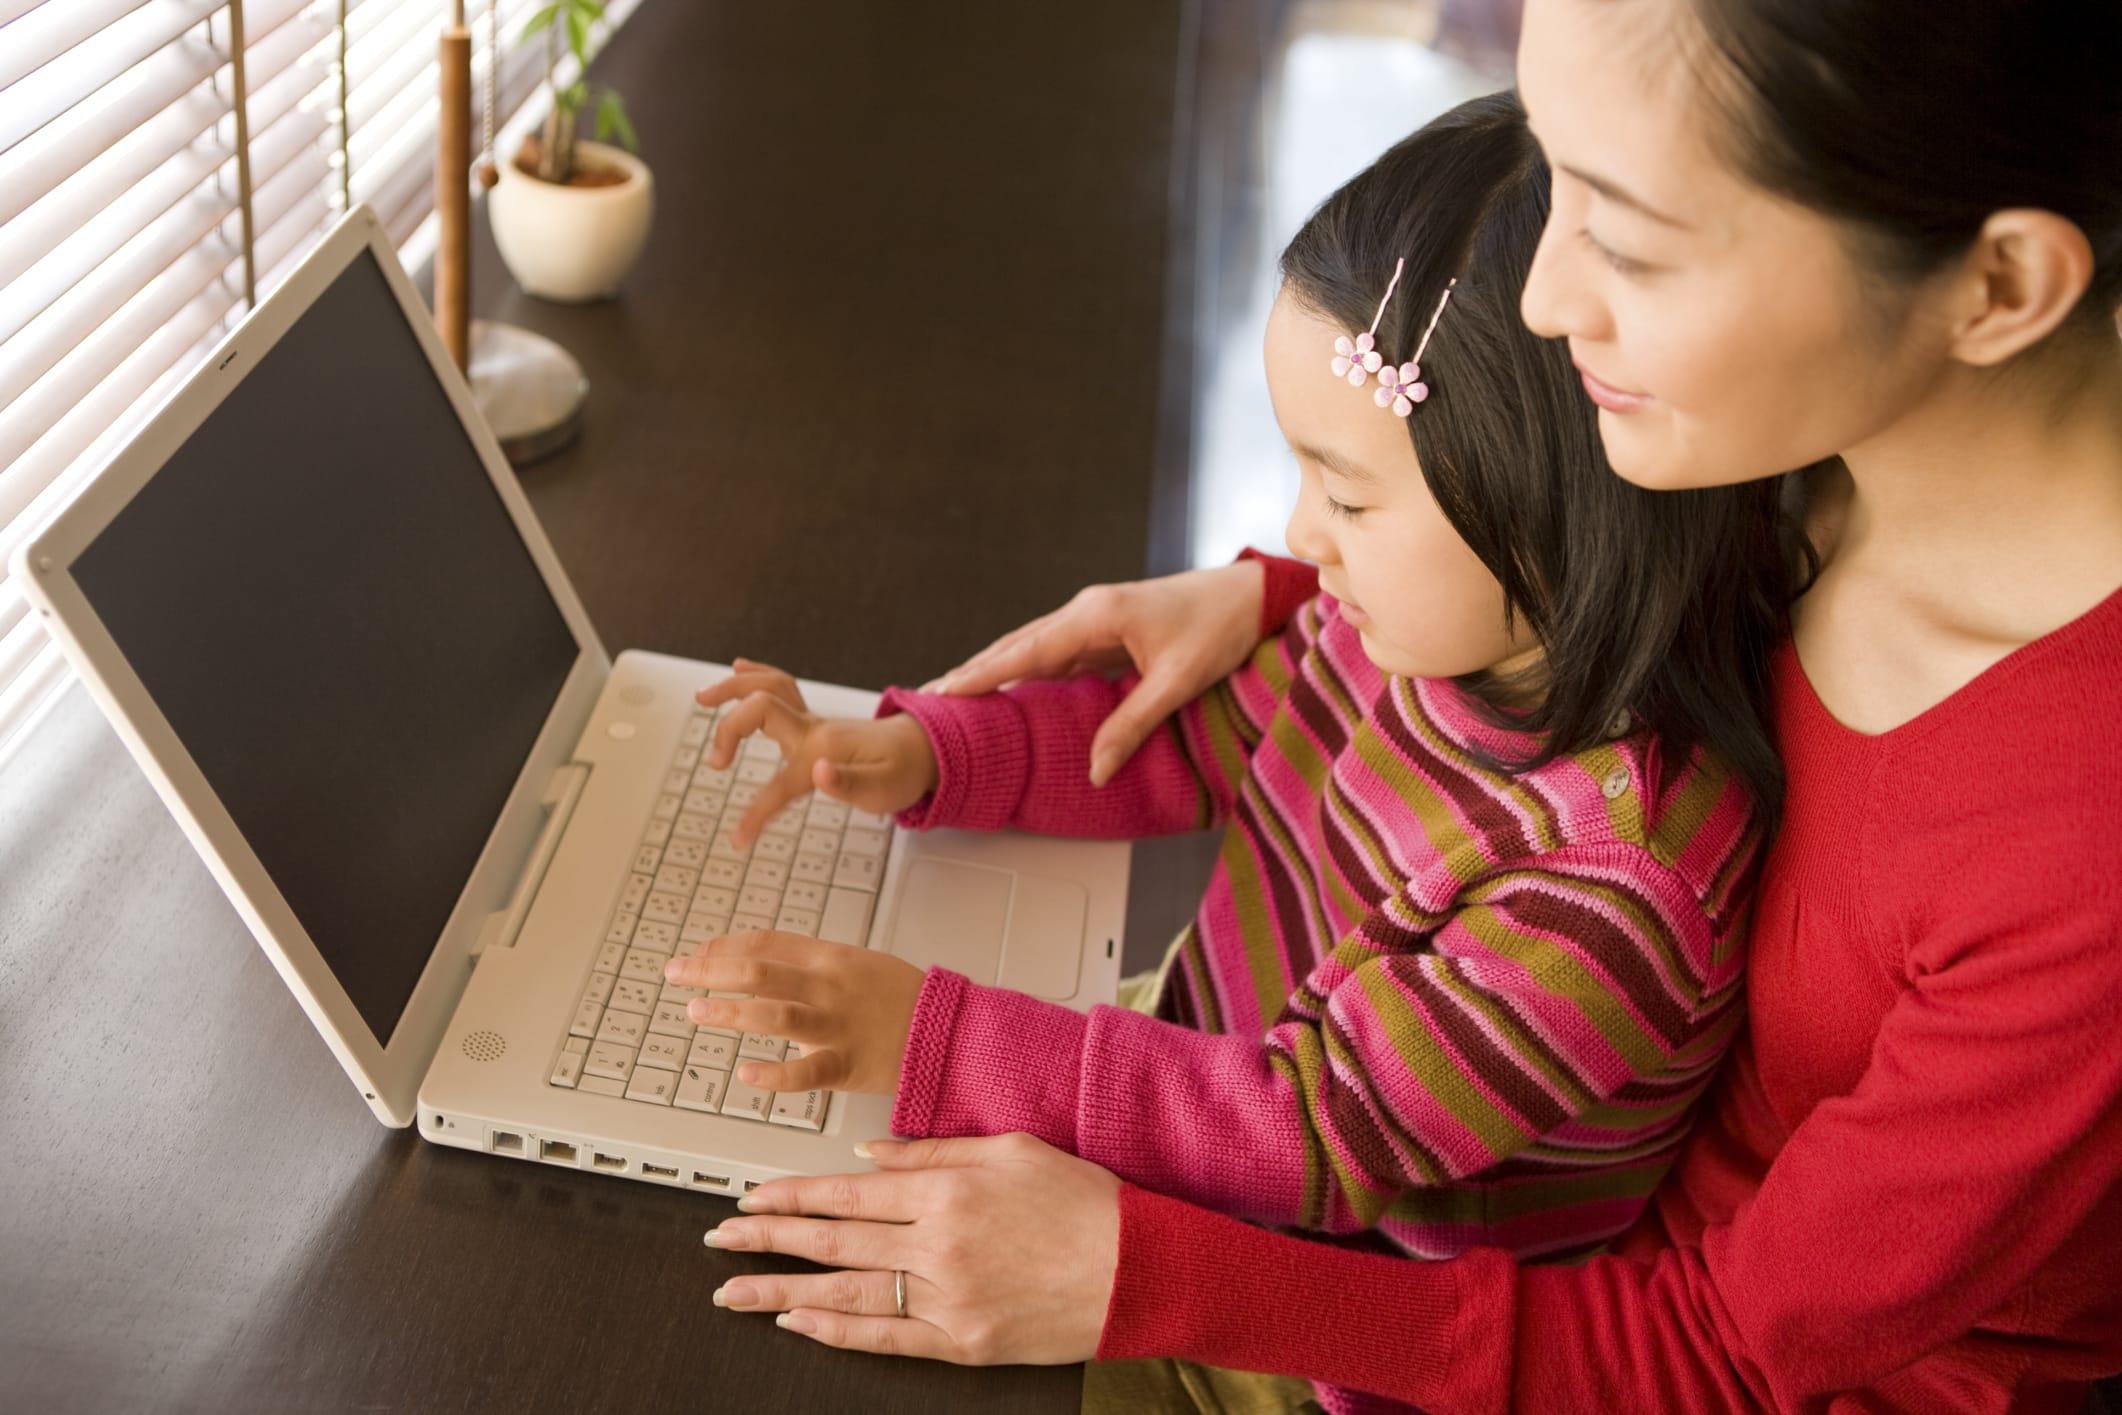 Regole per utilizzare facebook per bambini e ragazzi